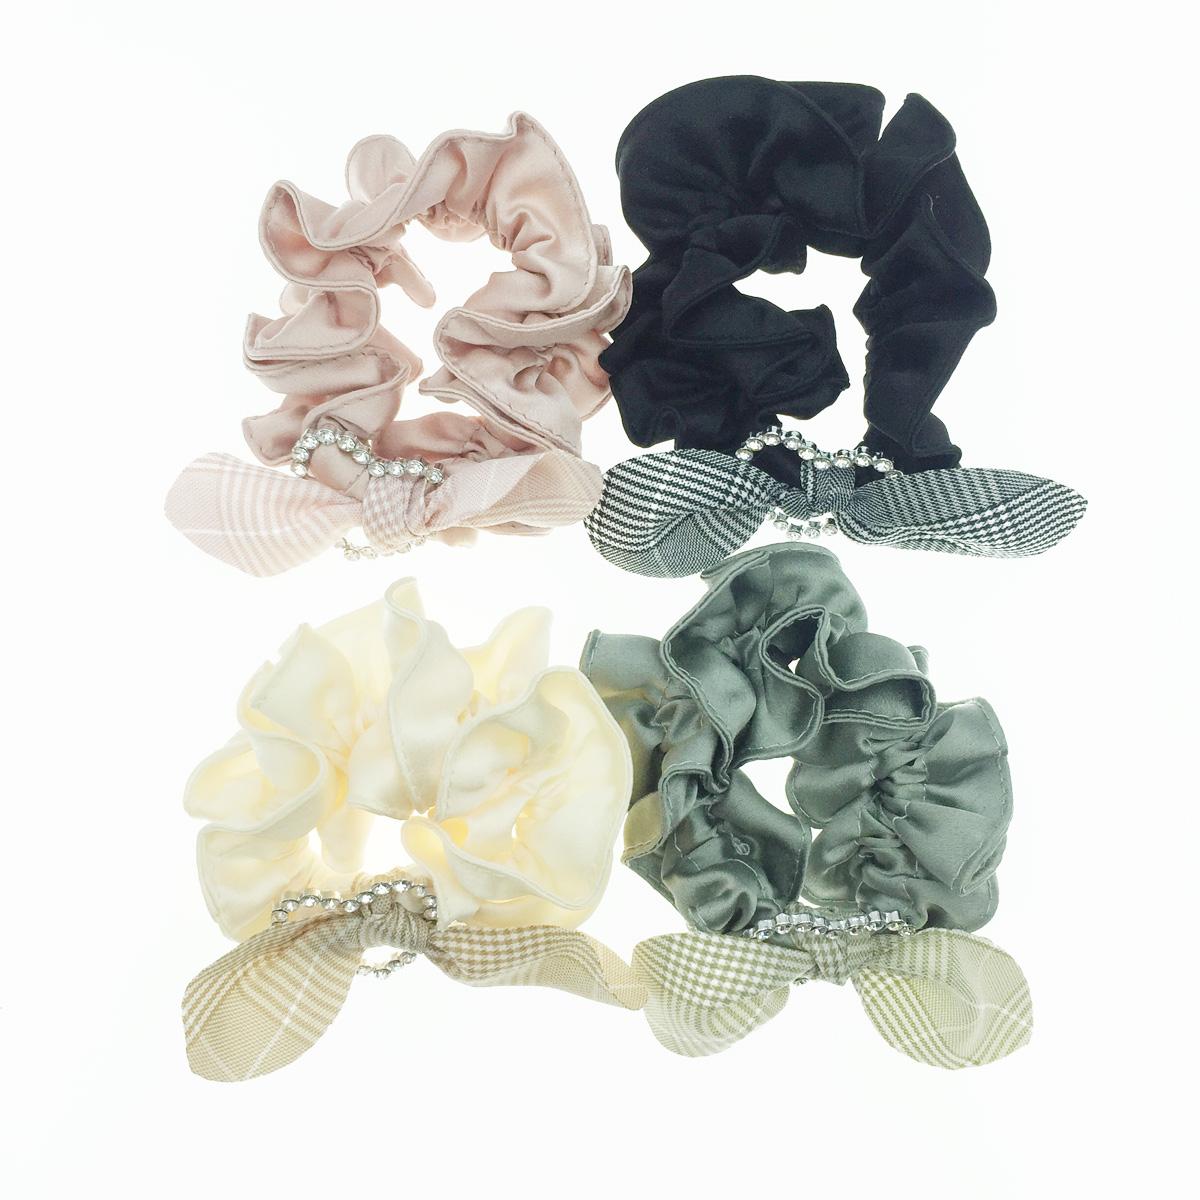 韓國 格紋 格子 蝴蝶結 簍空愛心 水鑽 可愛甜美 4色 髮飾 髮圈 大腸圈